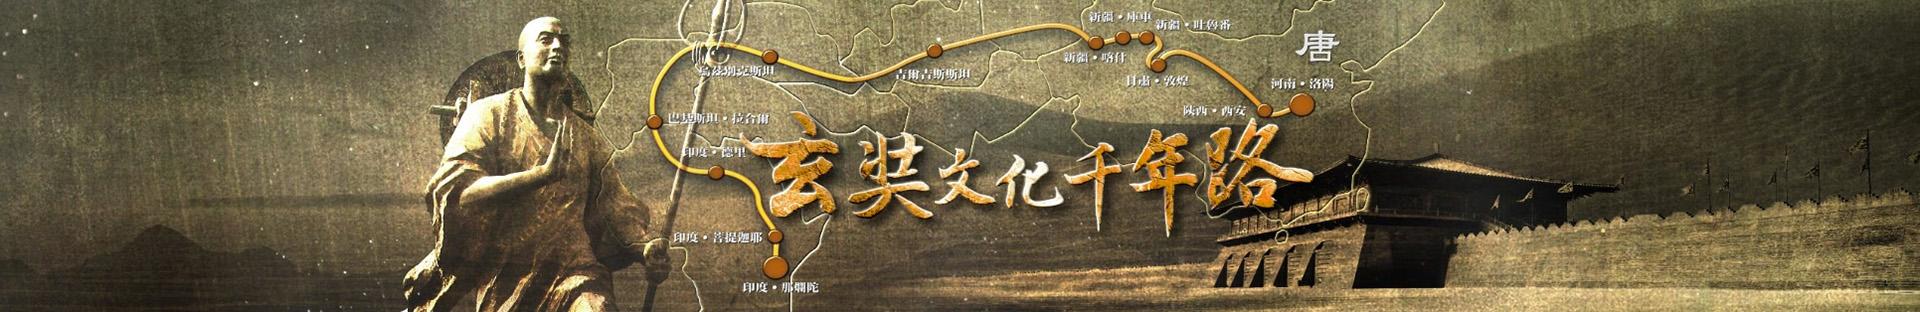 「玄奘文化千年路」影集即將在youtub平台上線隆重推出